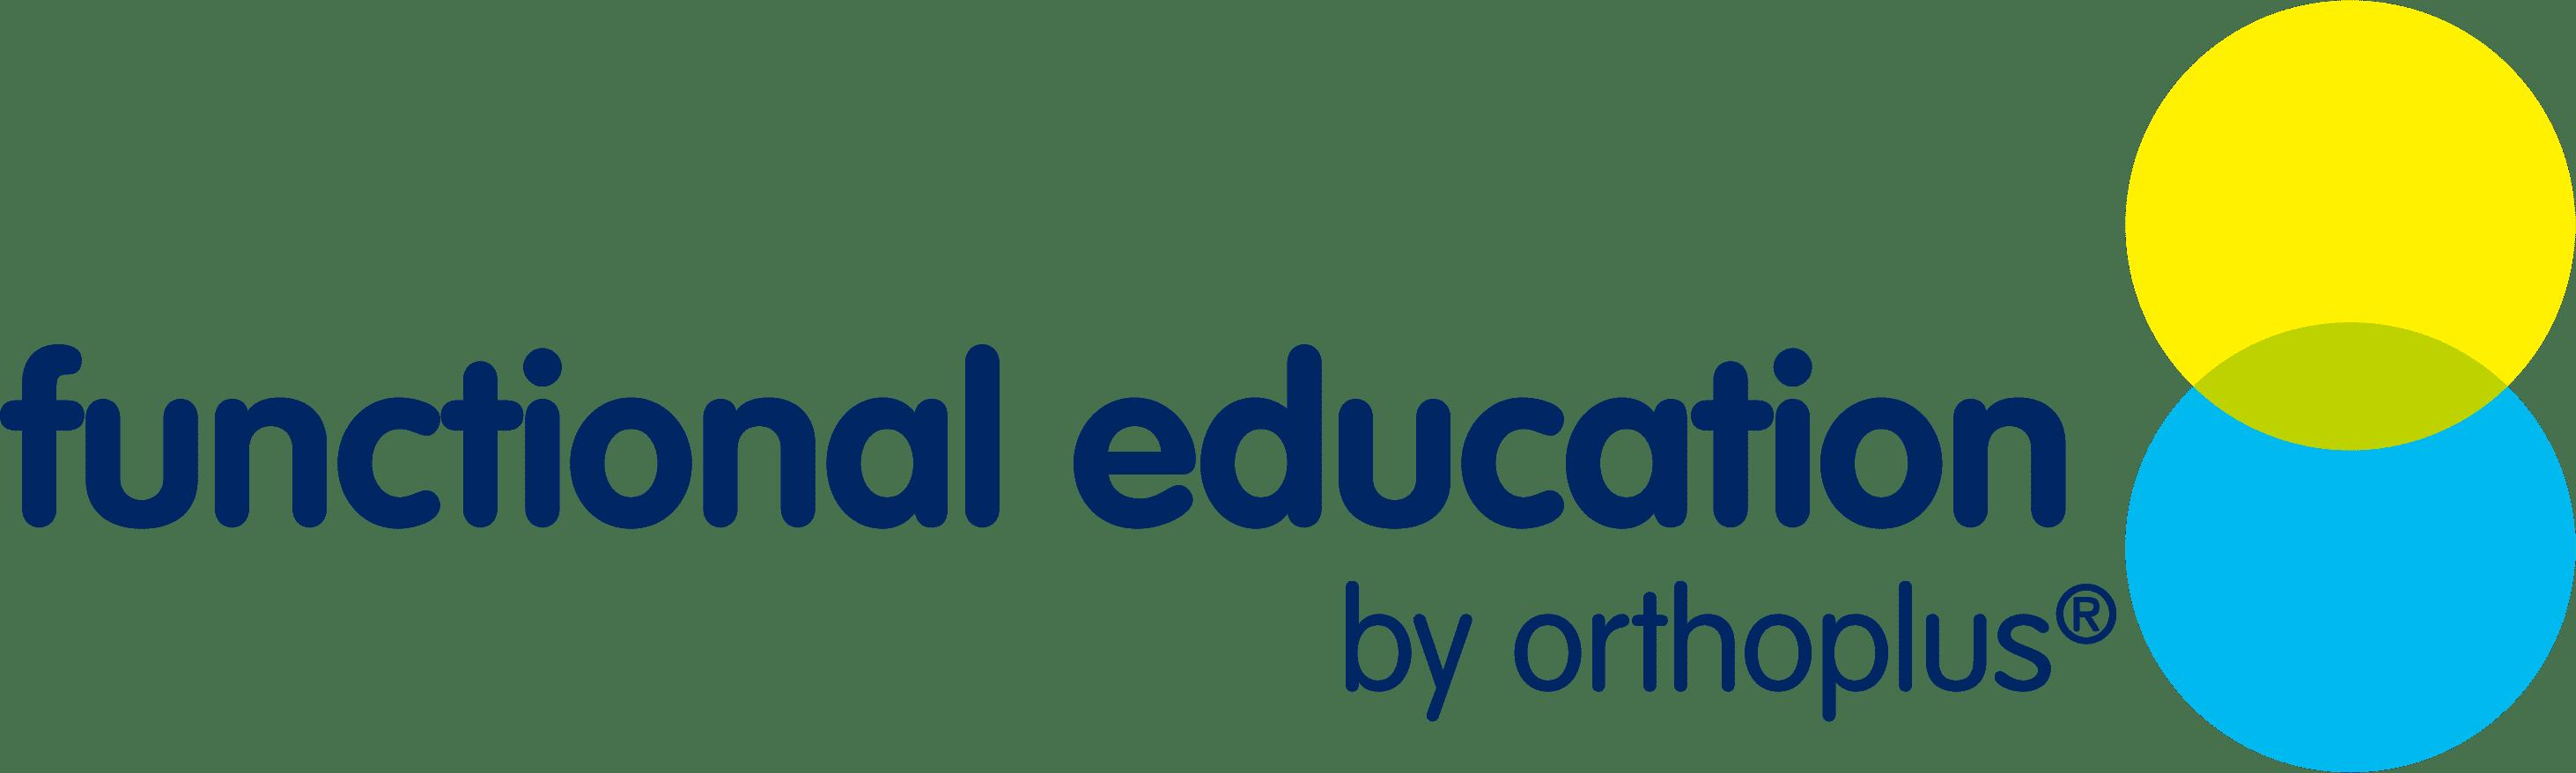 Logo éducation fonctionnelle